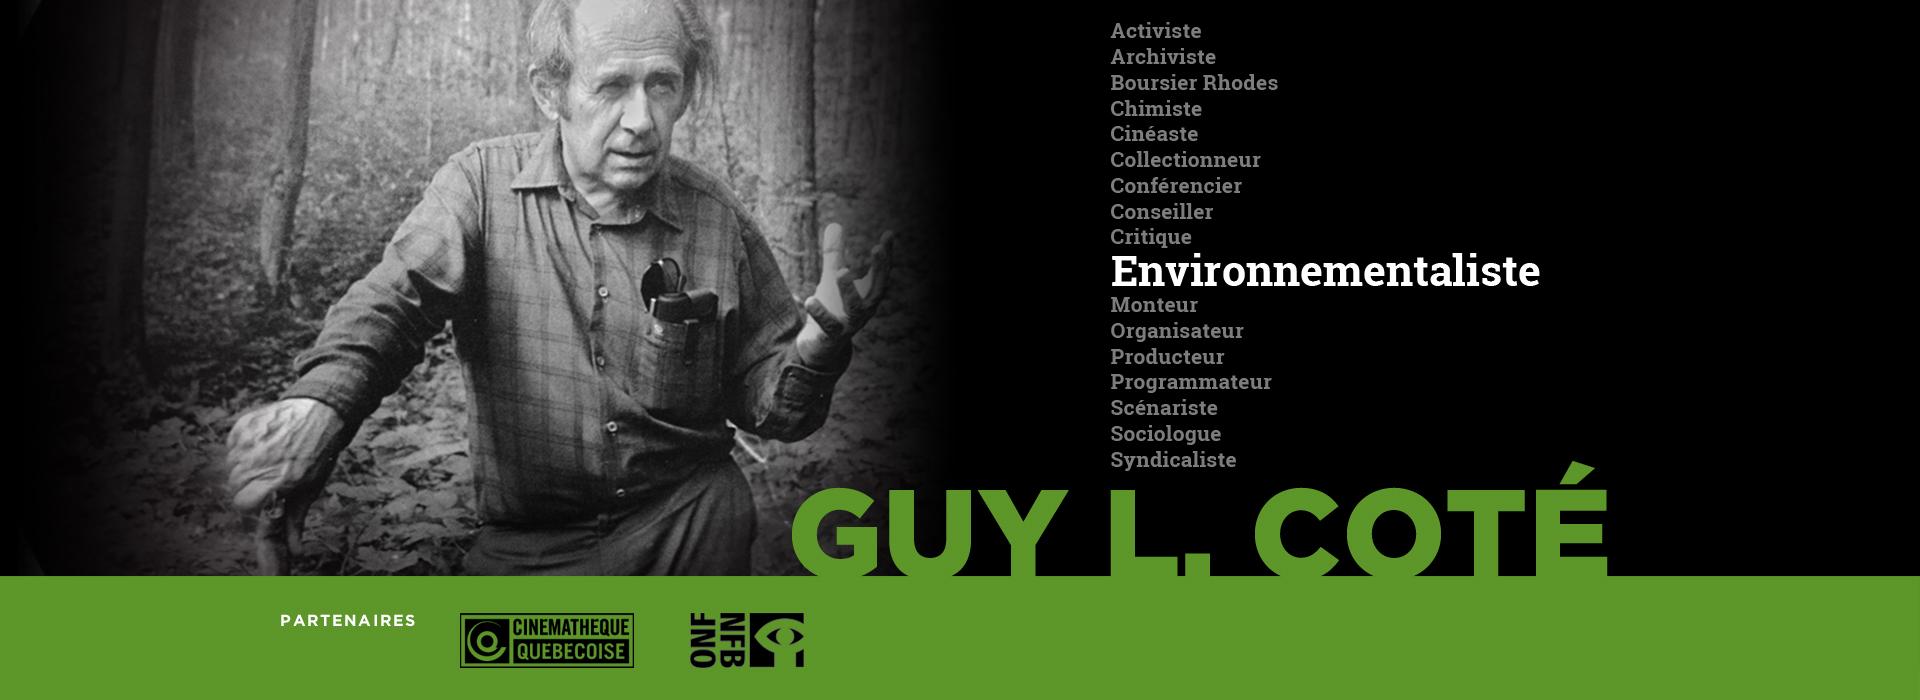 Banniere_environnementaliste3